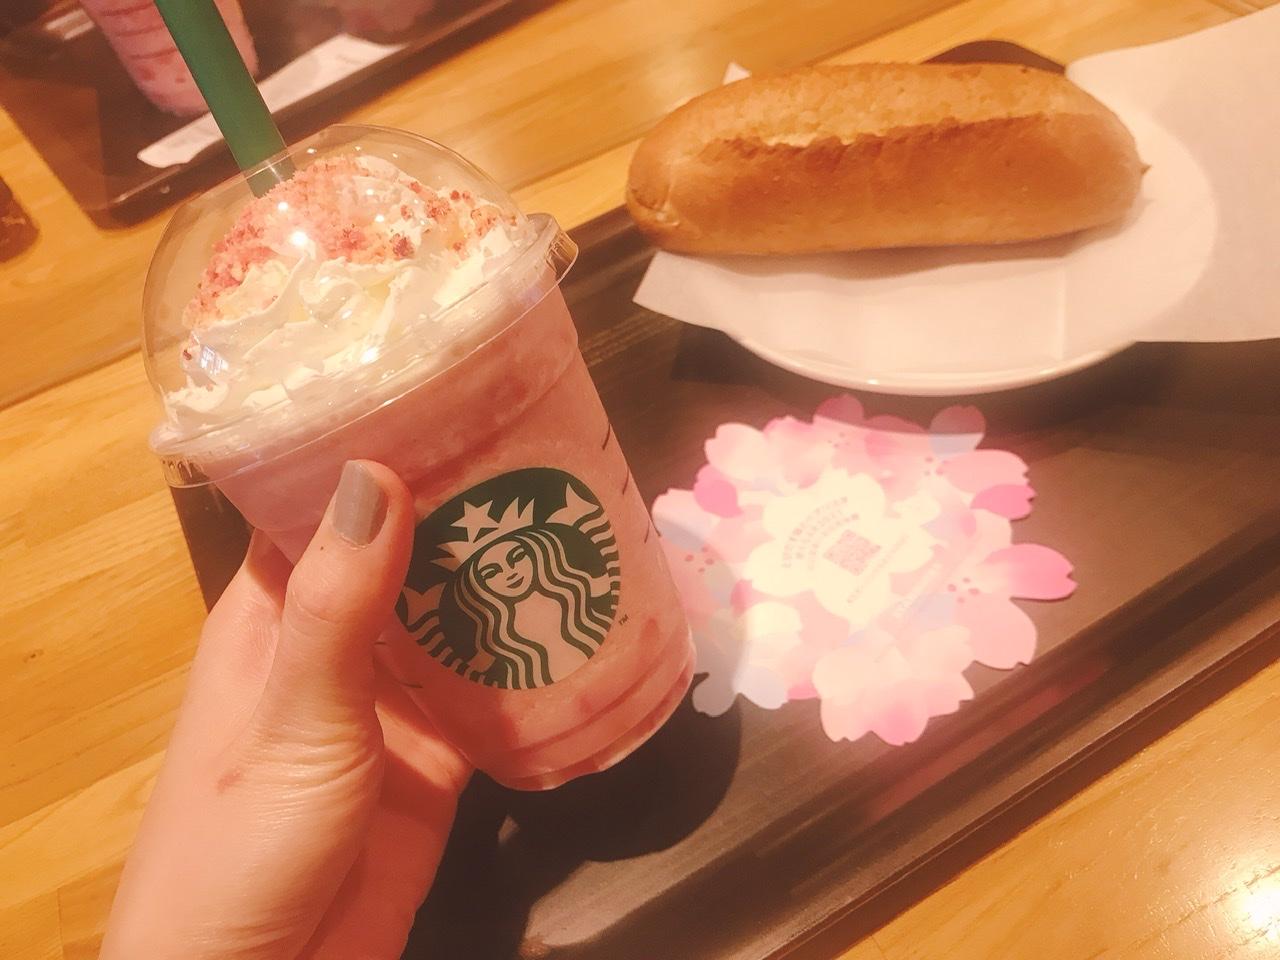 【スタバのさくら第2段】ピンクが可愛い♡ さくら咲いた ベリー フラペチーノ✿✿✿_1